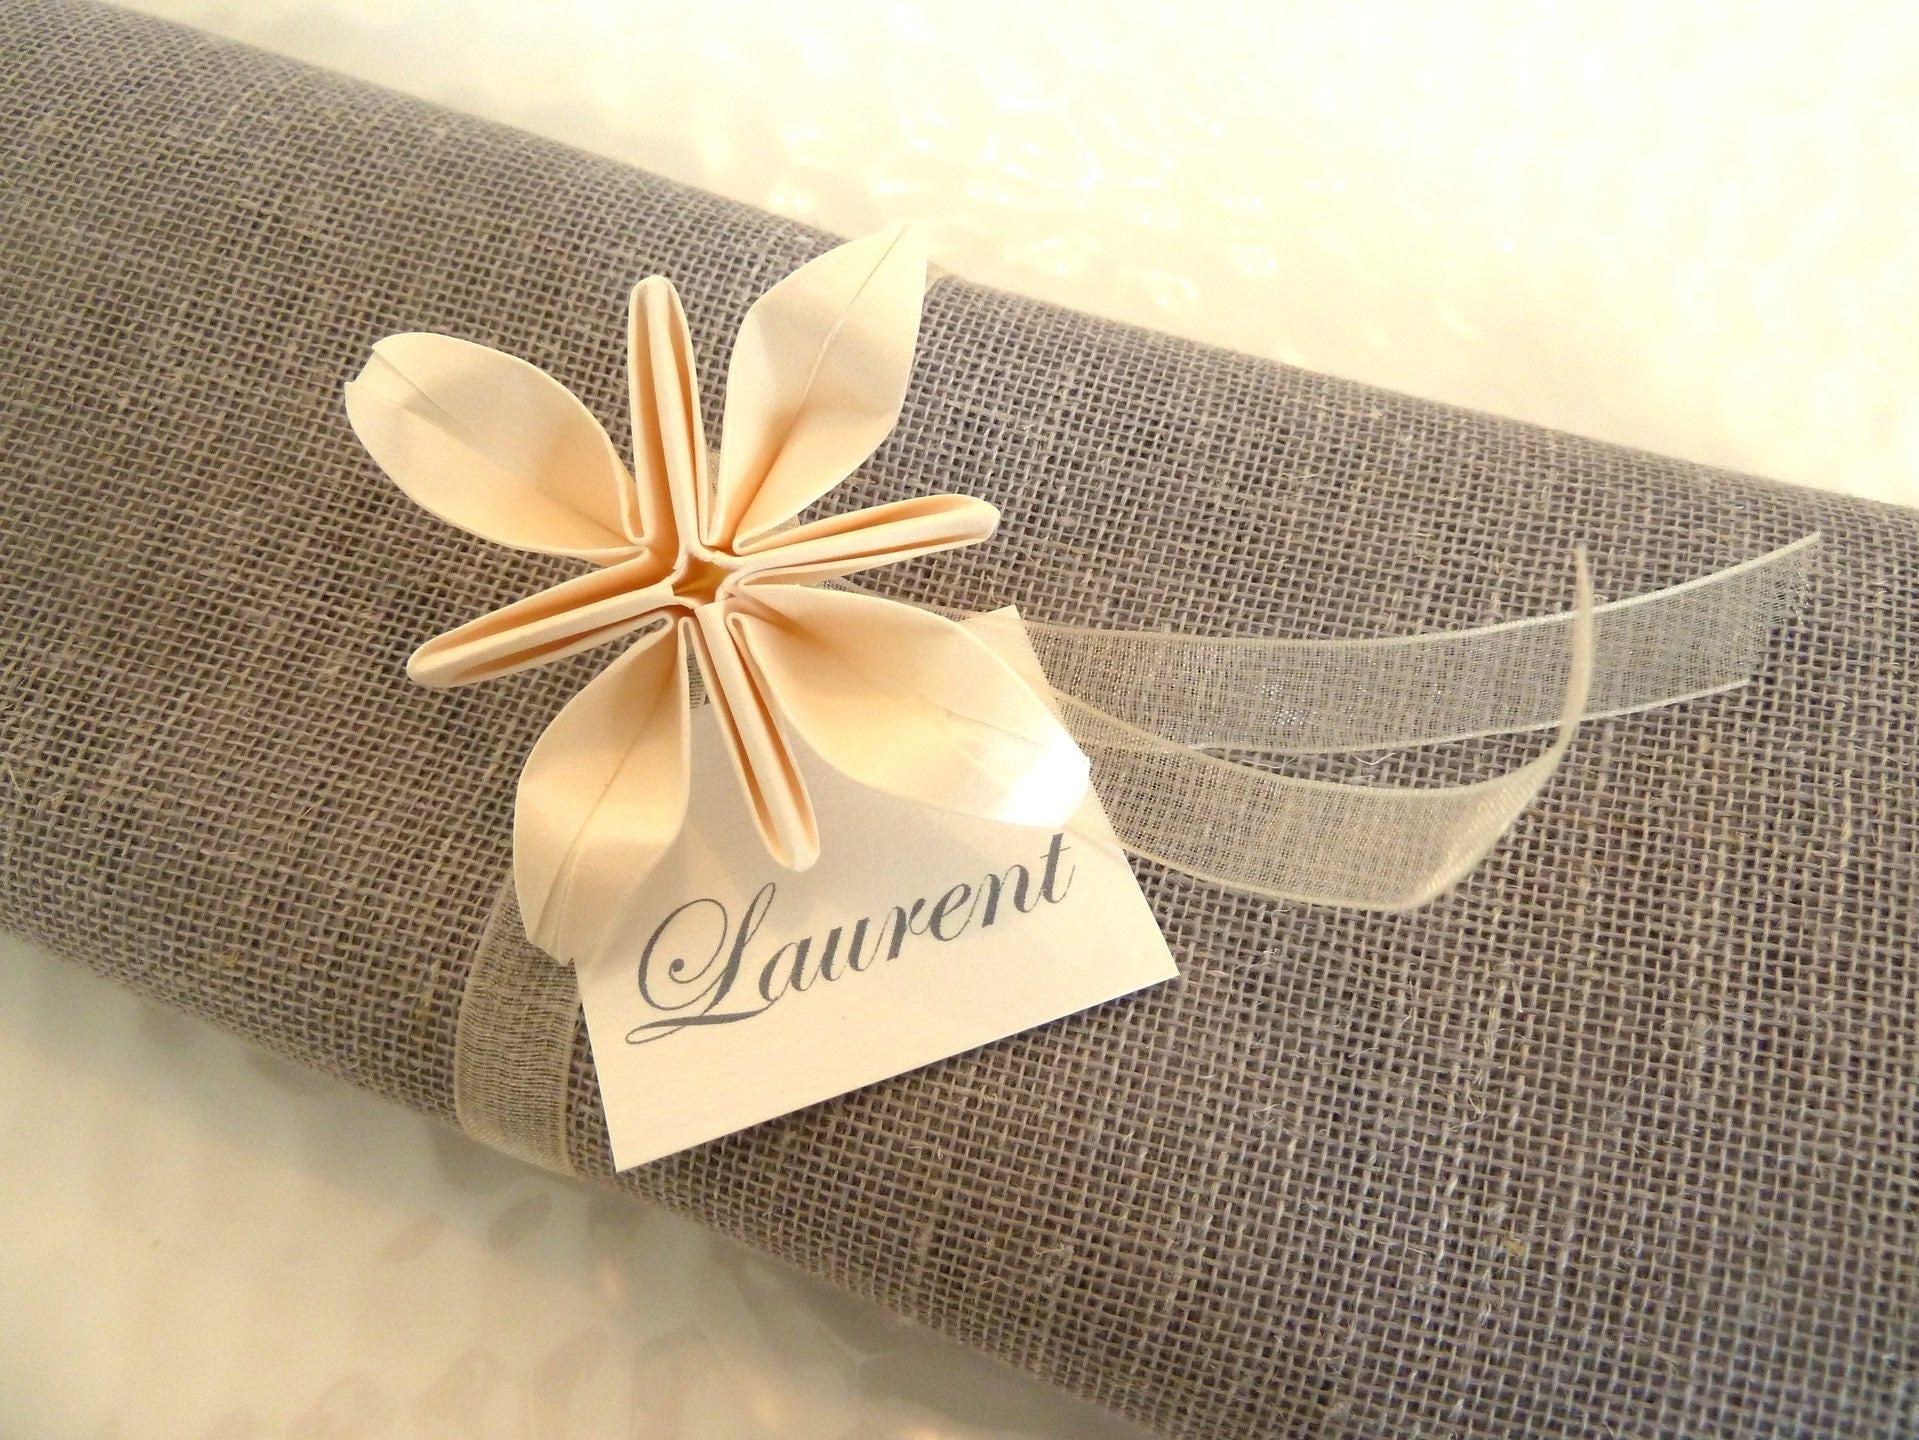 10 ronds de serviette marques place pour mariage en origami. Black Bedroom Furniture Sets. Home Design Ideas